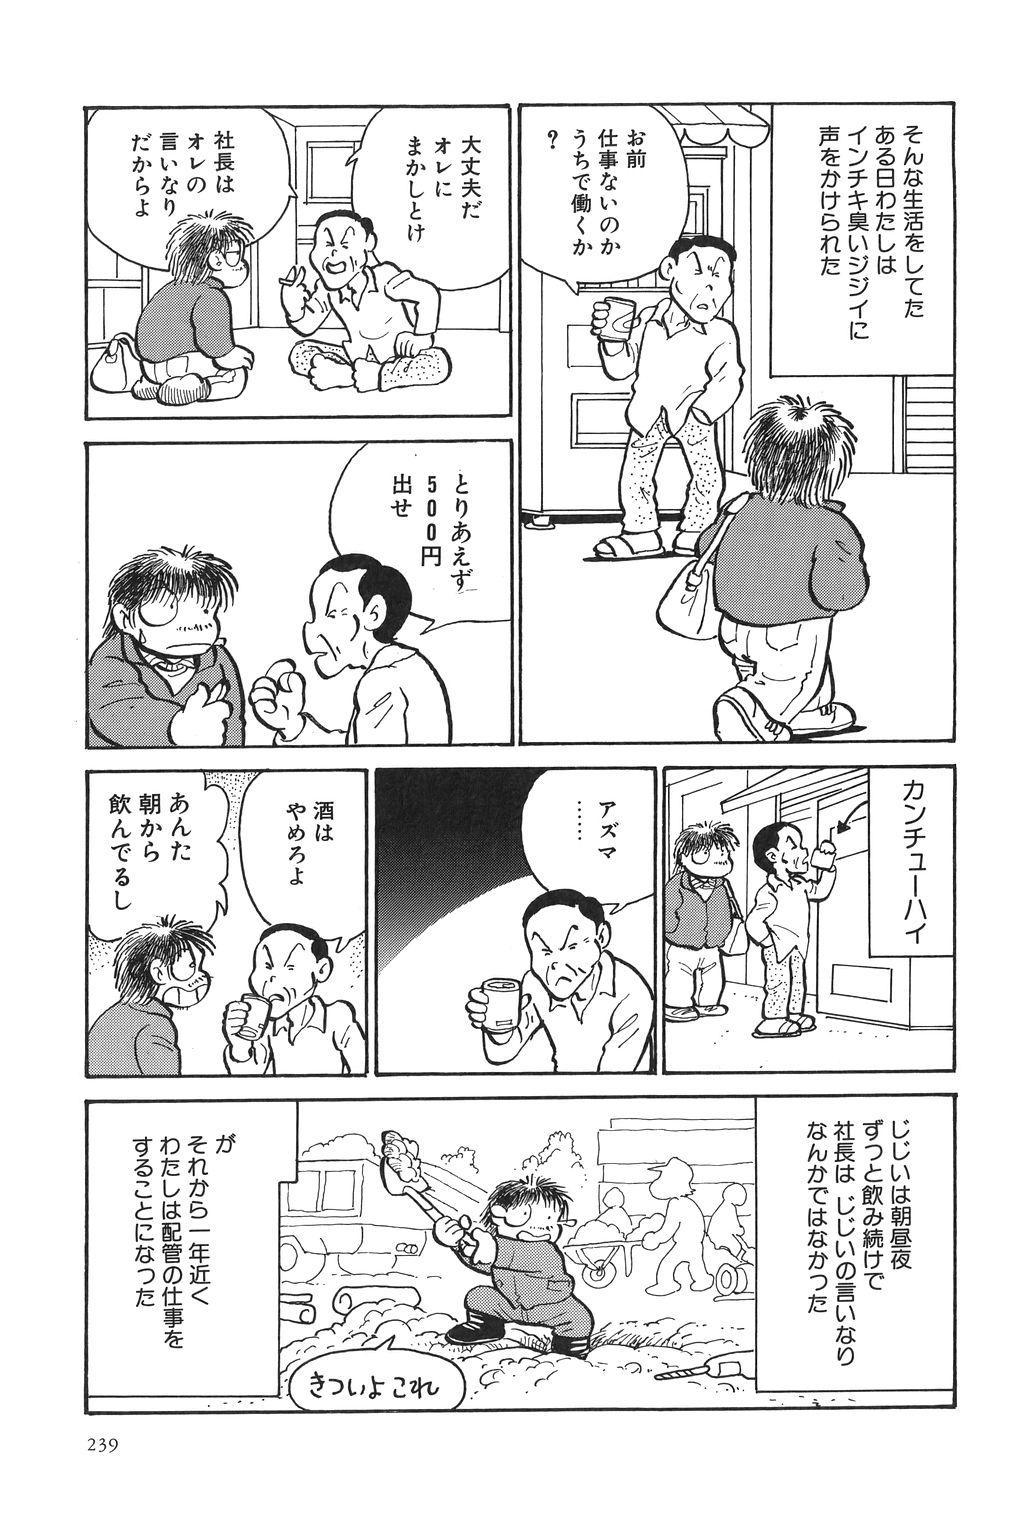 Azuma Hideo Sakuhin Shuusei - Yoru no Tobari no Naka de 241